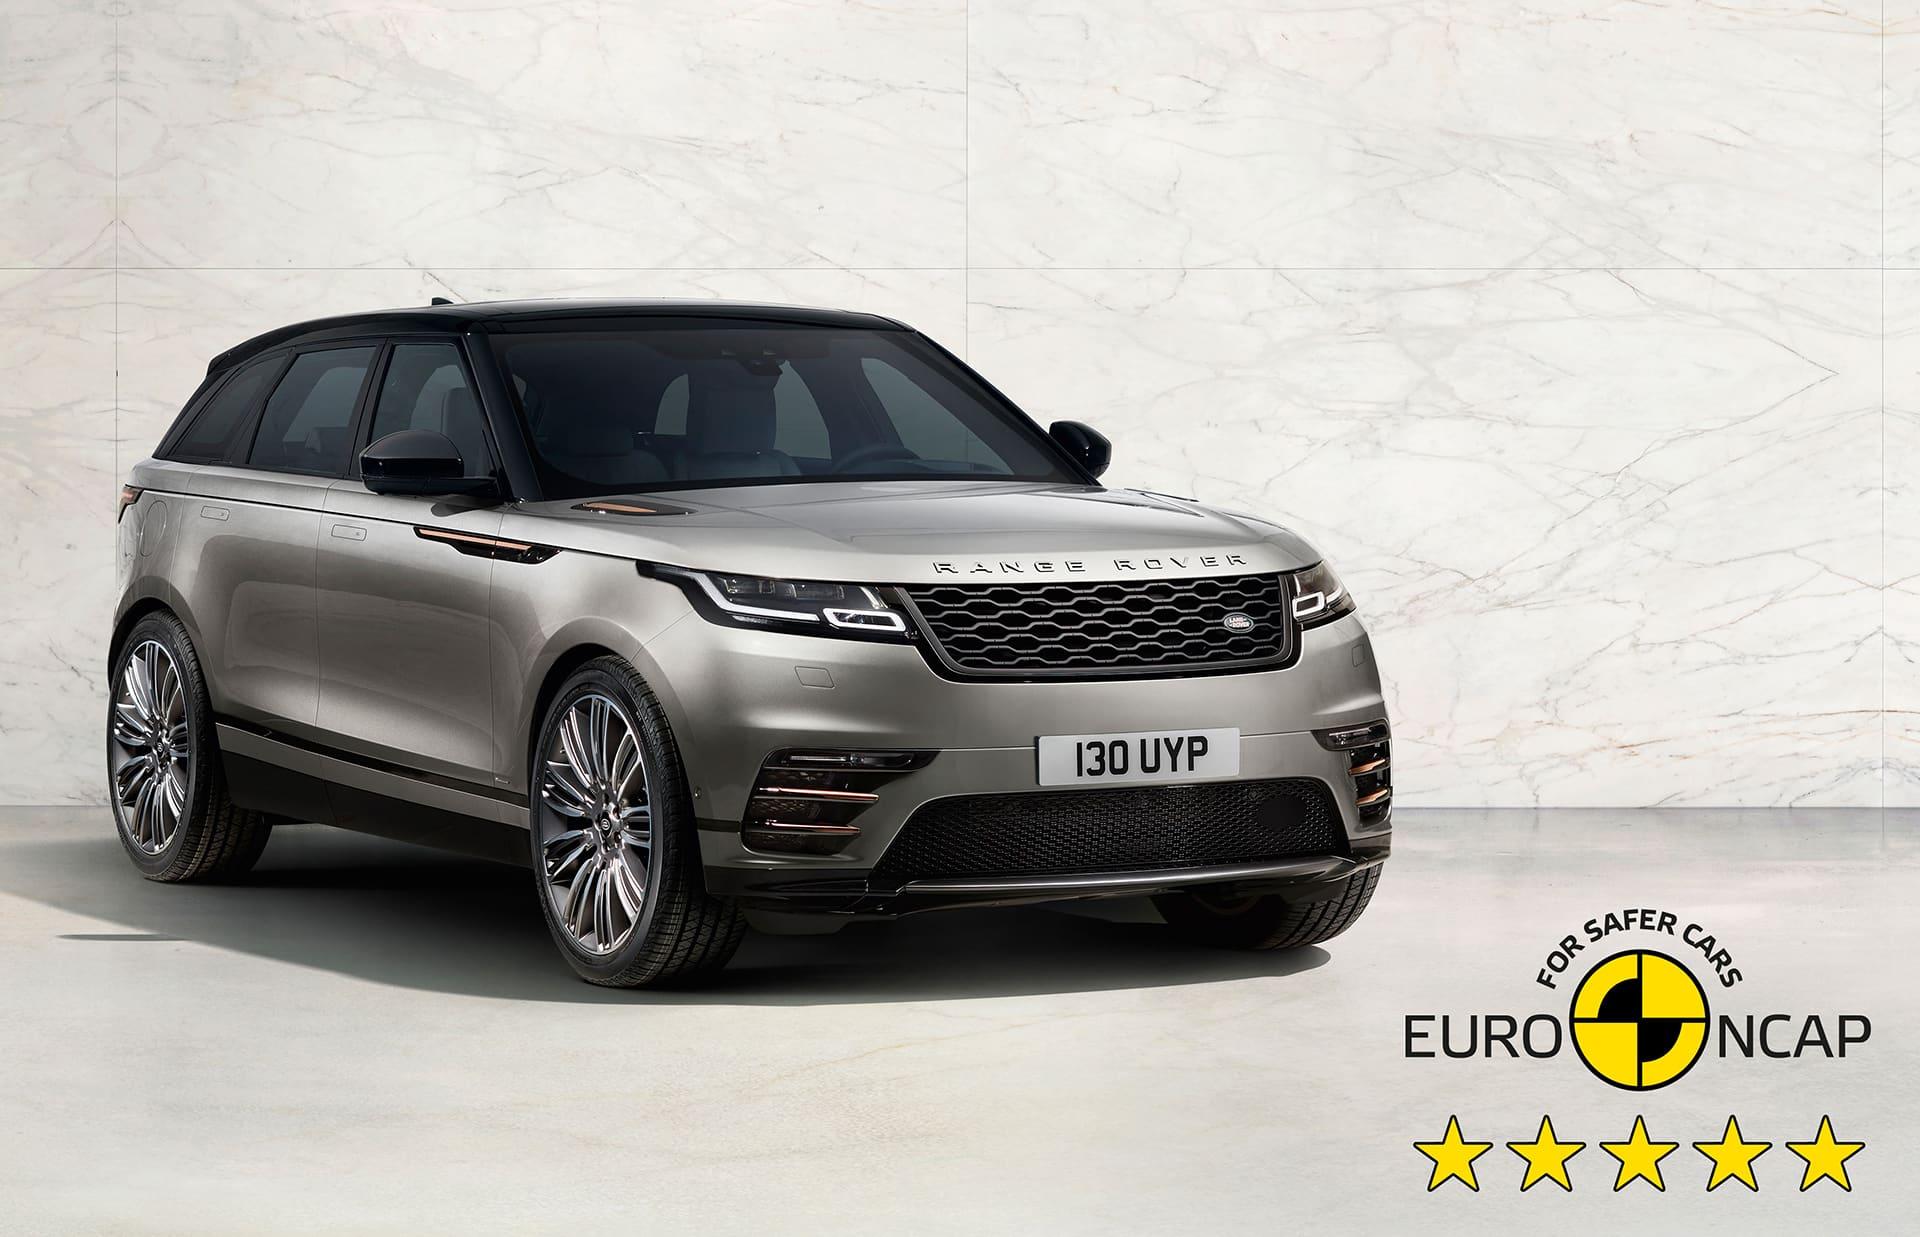 Range Rover Velar Euro NCAP